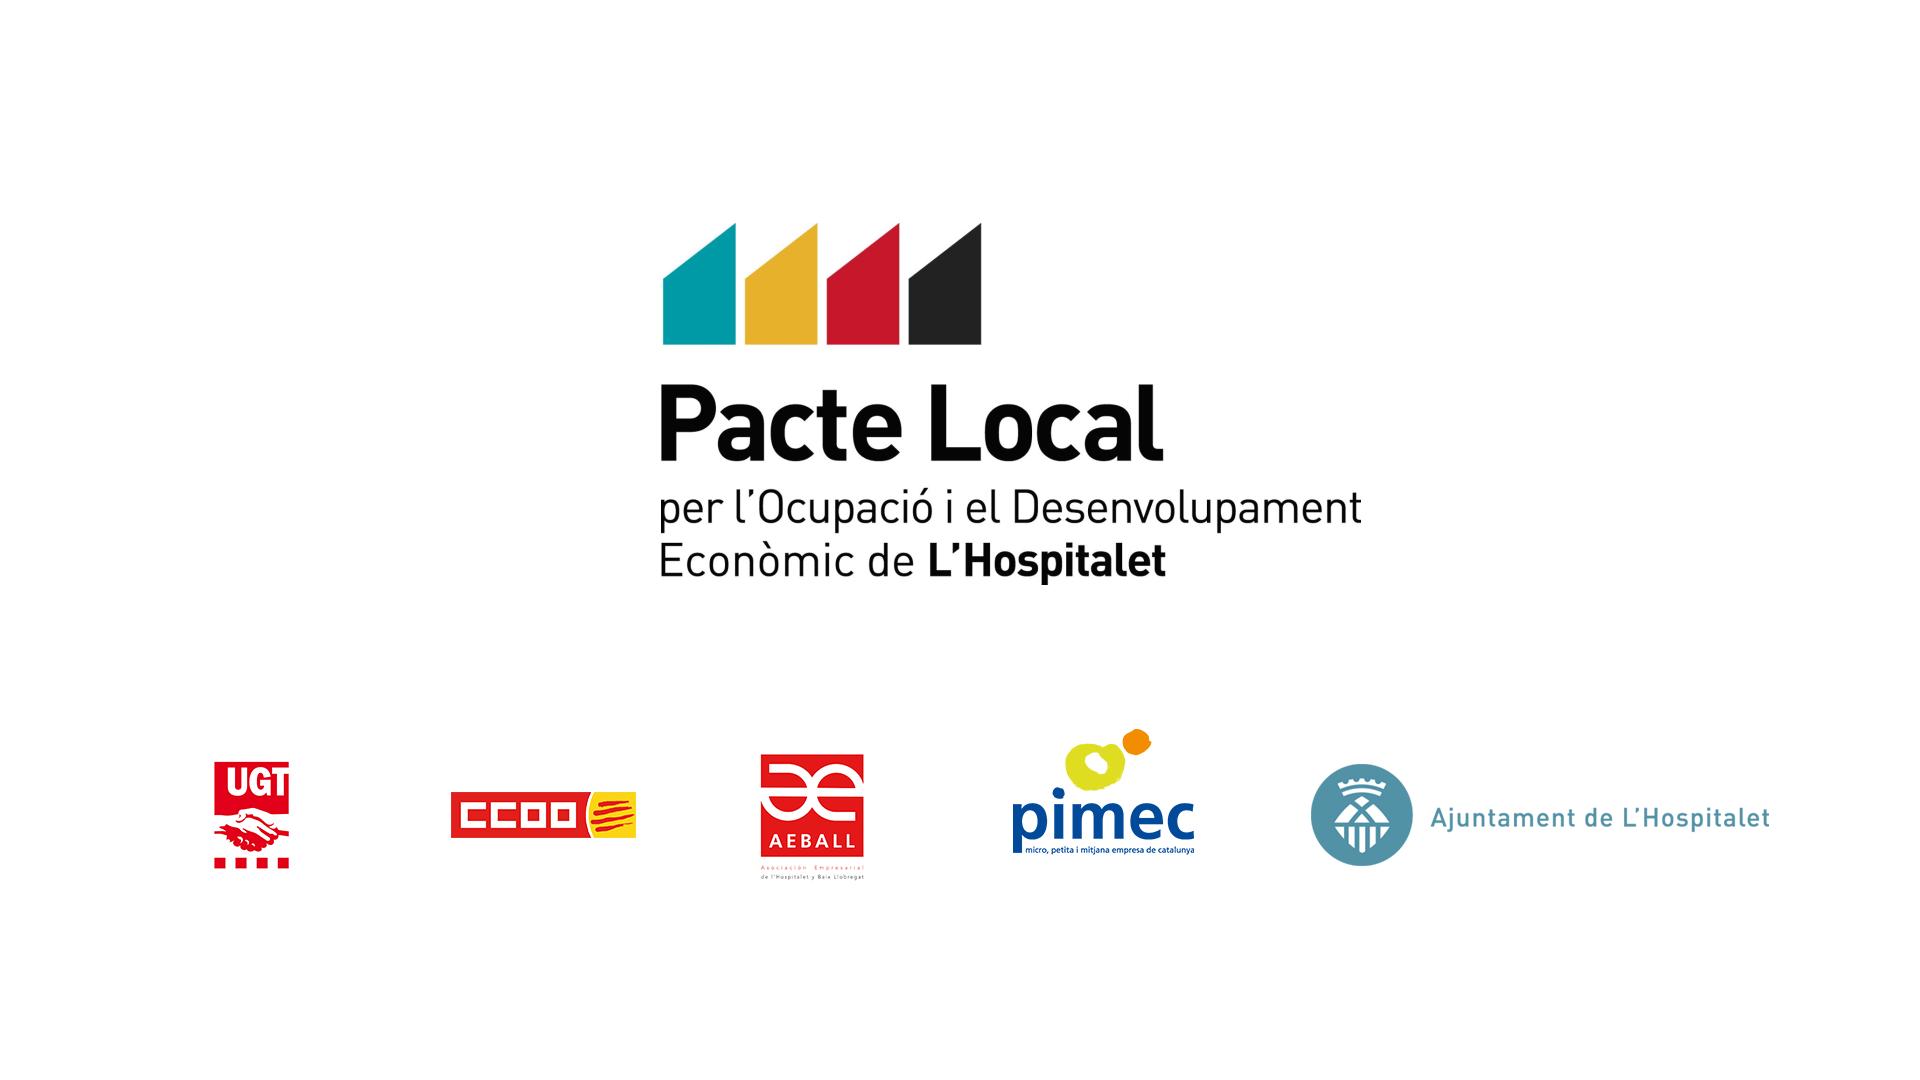 Pacte local